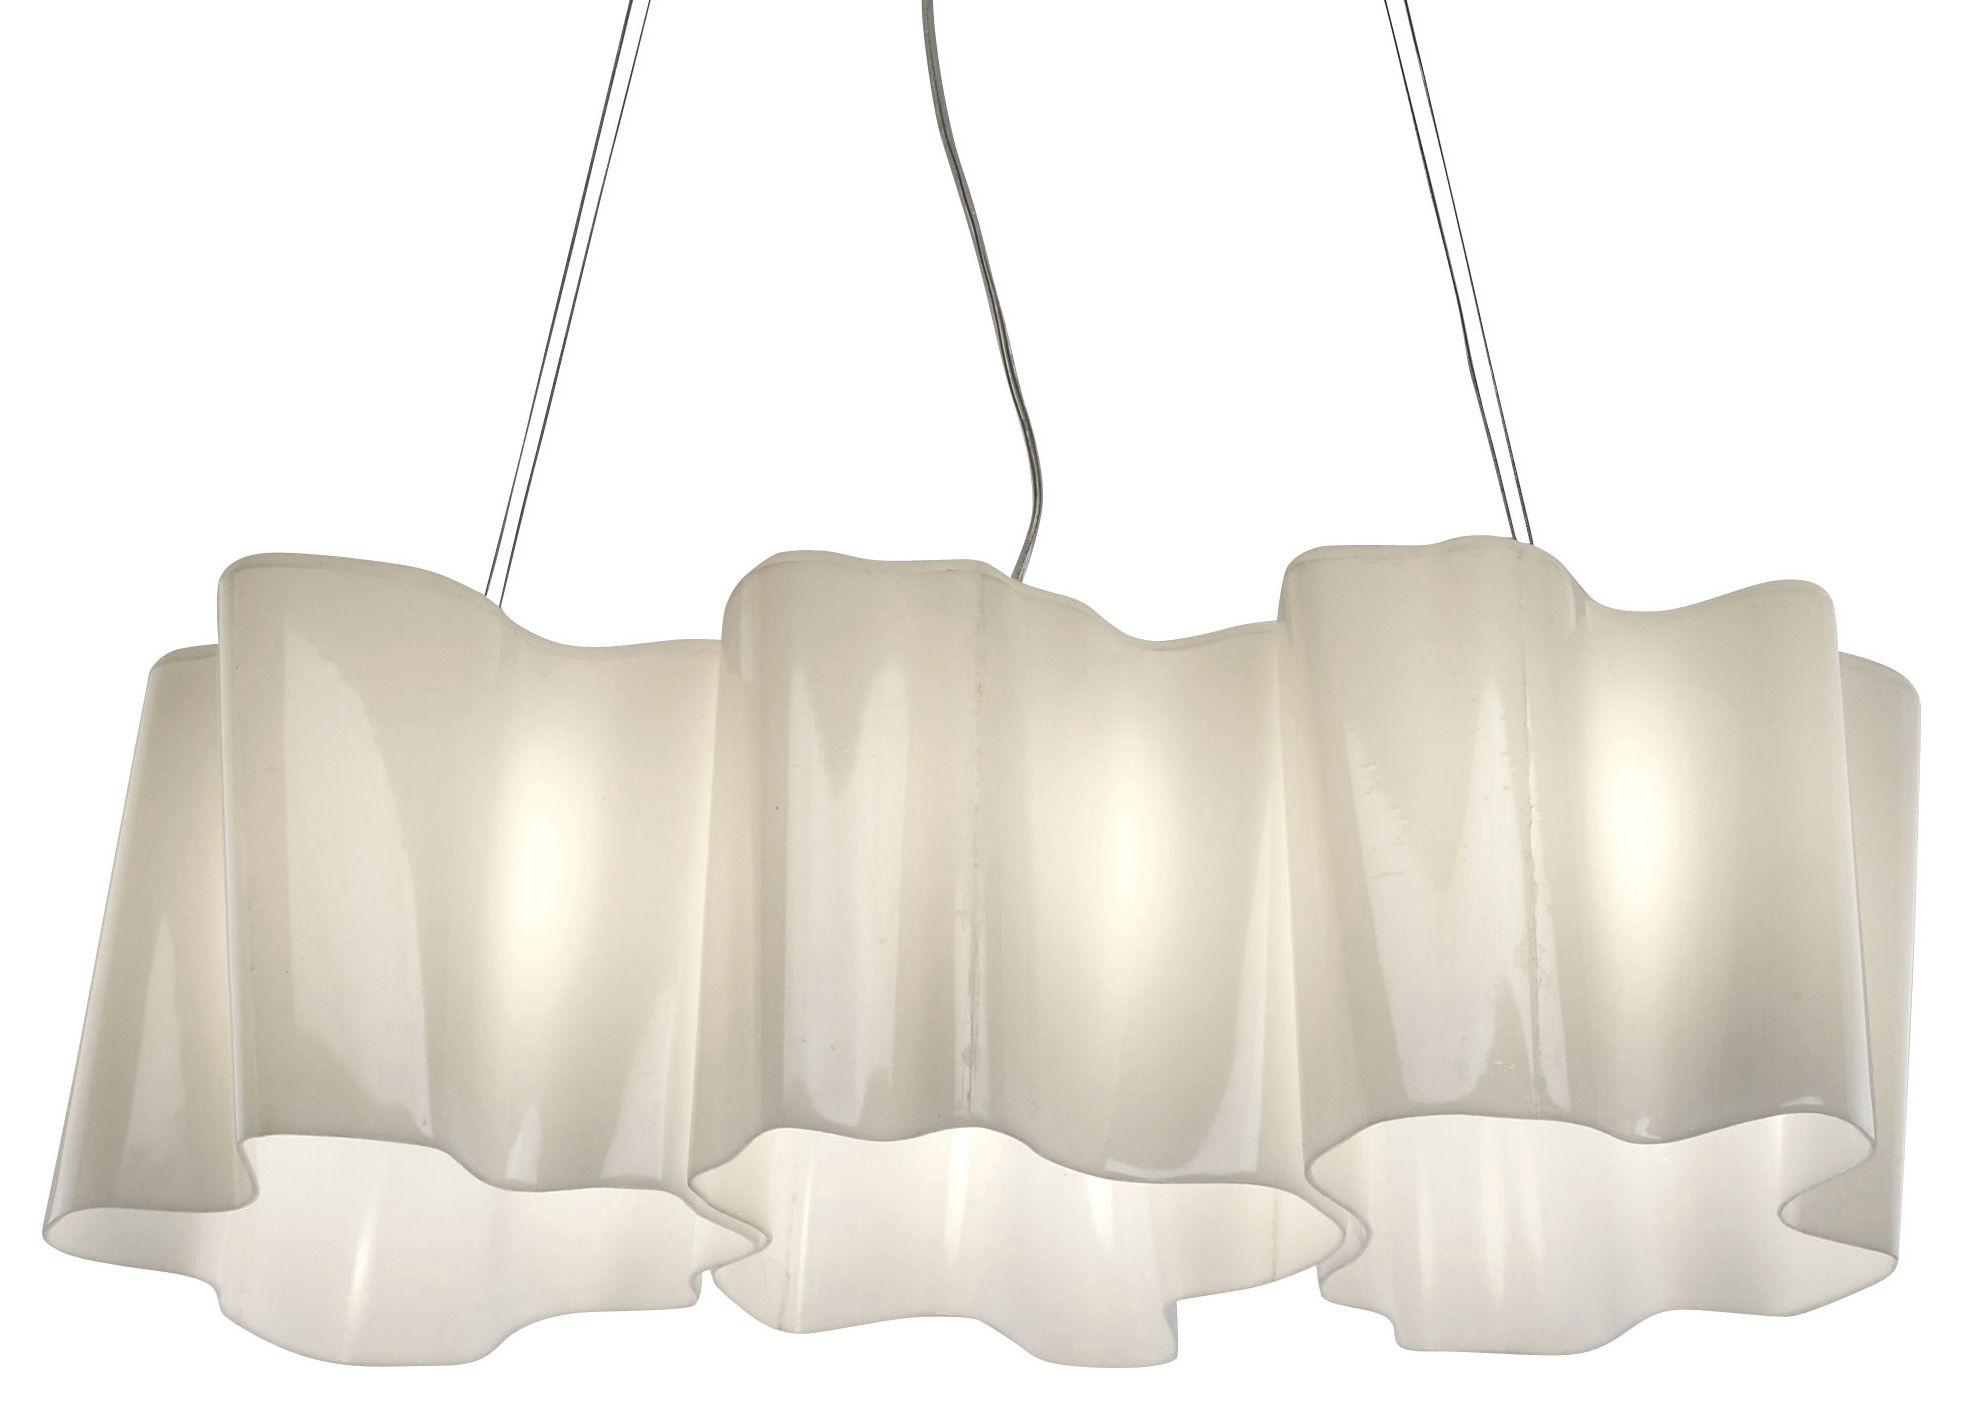 Luminaire - Suspensions - Suspension Logico grande 3 éléments en ligne - Artemide - Blanc - grande - Verre soufflé